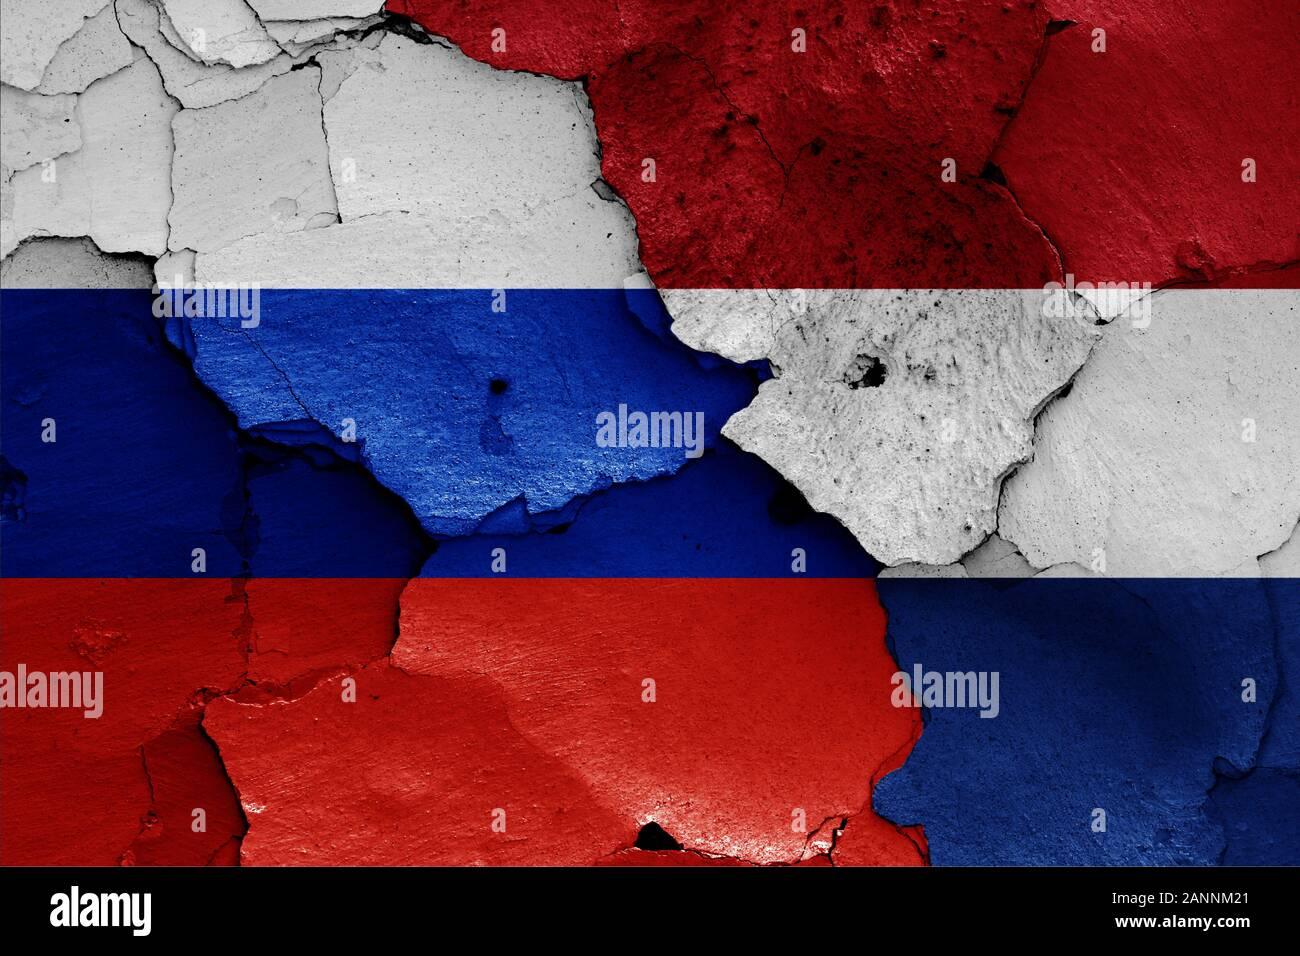 Flagge von Russland und die Niederlande Malte auf Risse an der Wand Stockfoto